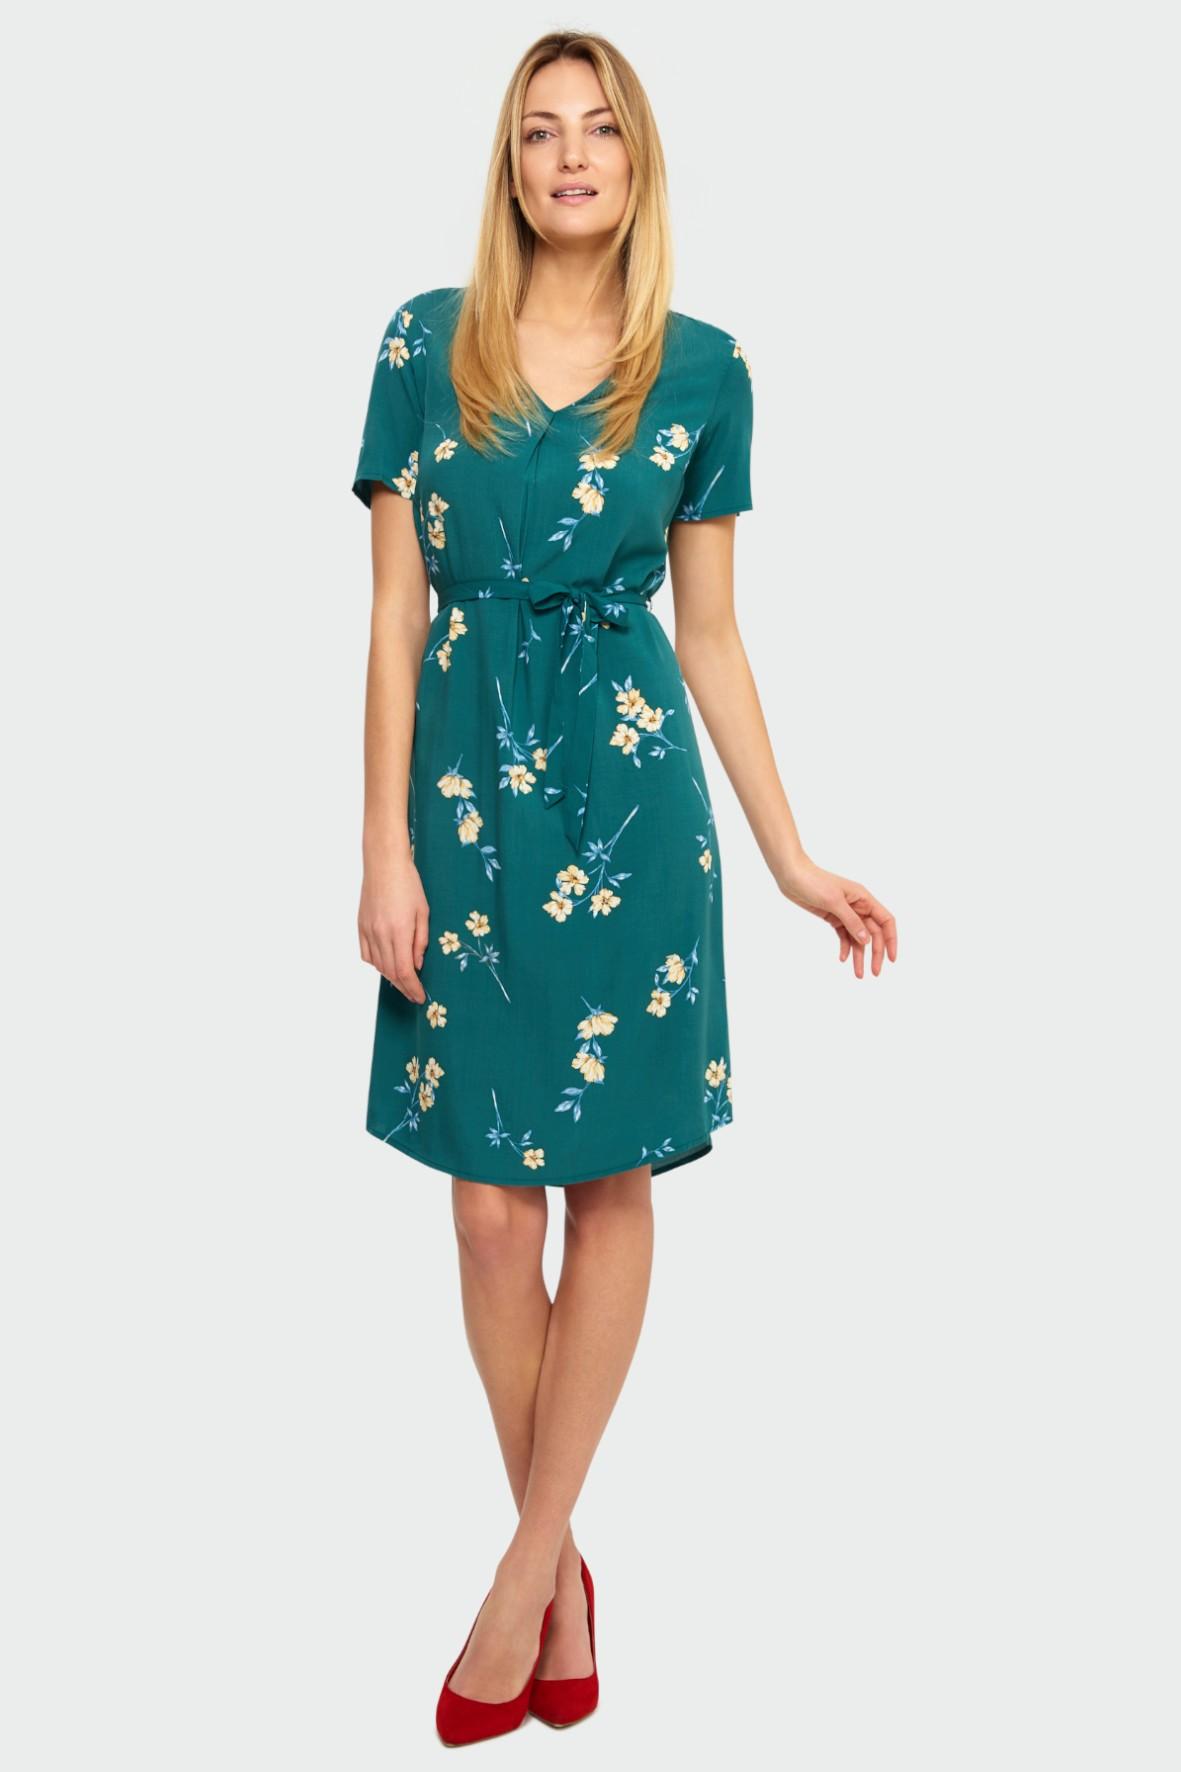 Zielona wiskozowa sukienka z kwiatowym nadrukiem - podkreślona talia